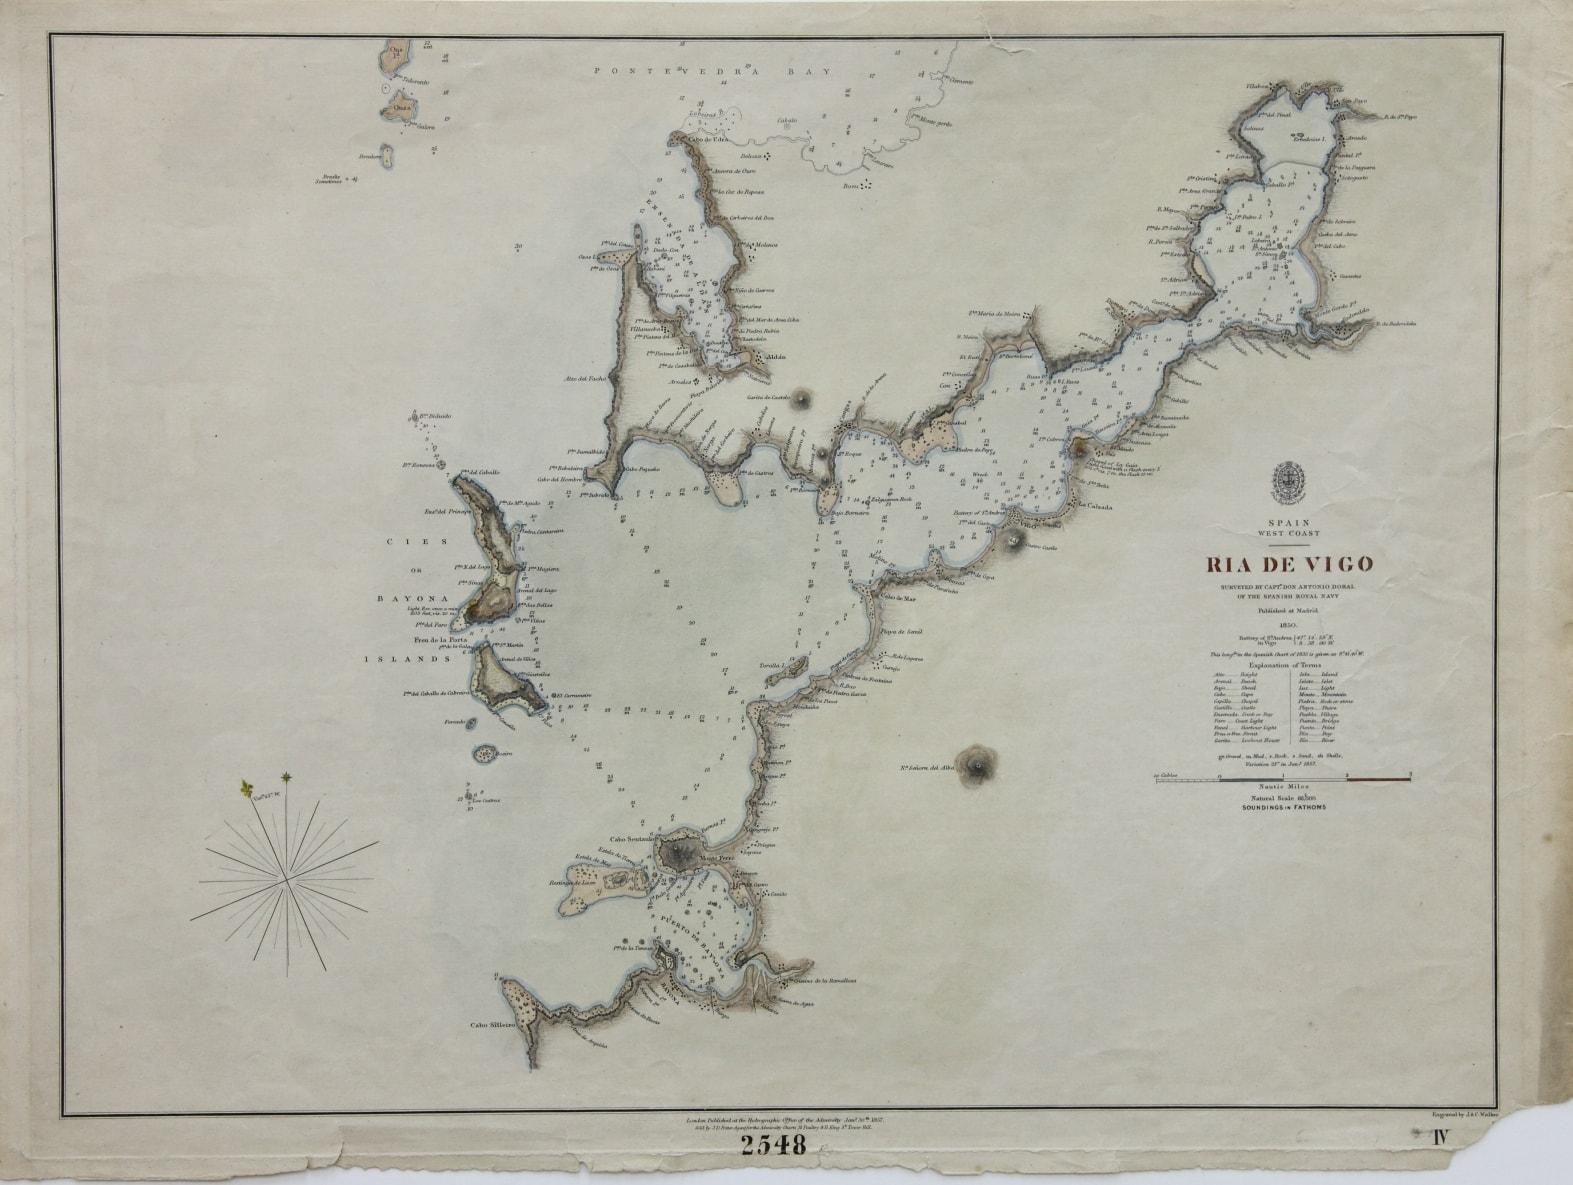 Cartografía ria de Vigo : Spain, West Coast (1857)